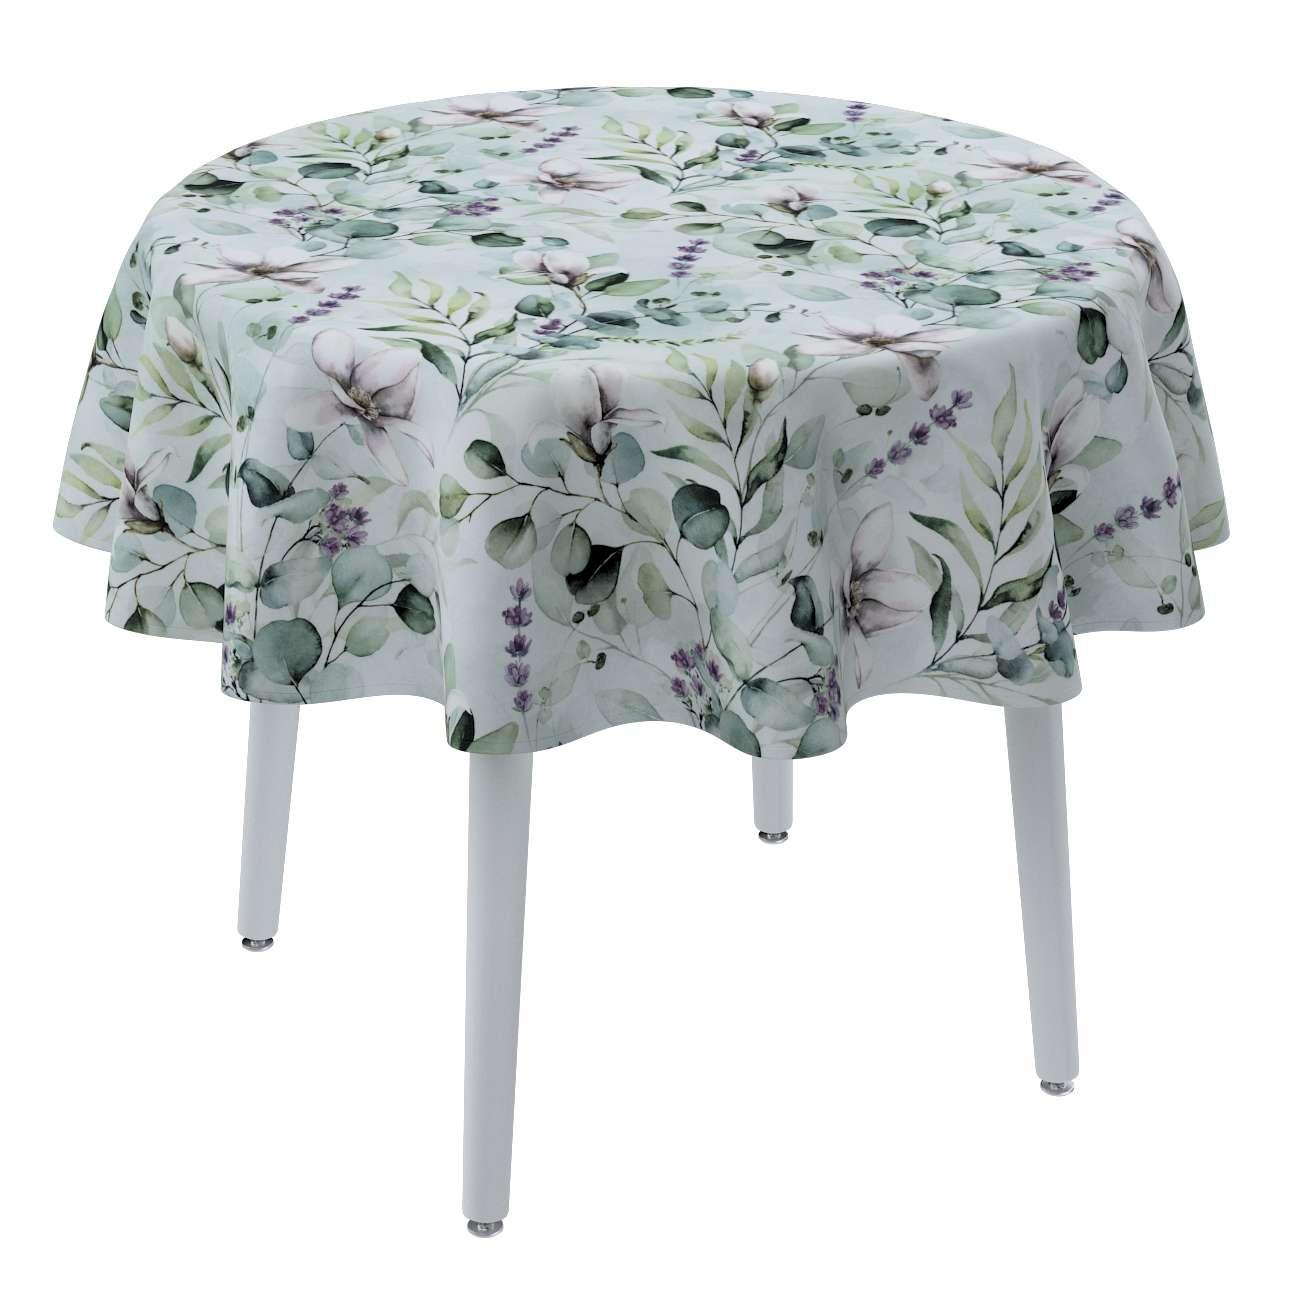 Runde Tischdecke von der Kollektion Flowers, Stoff: 143-66